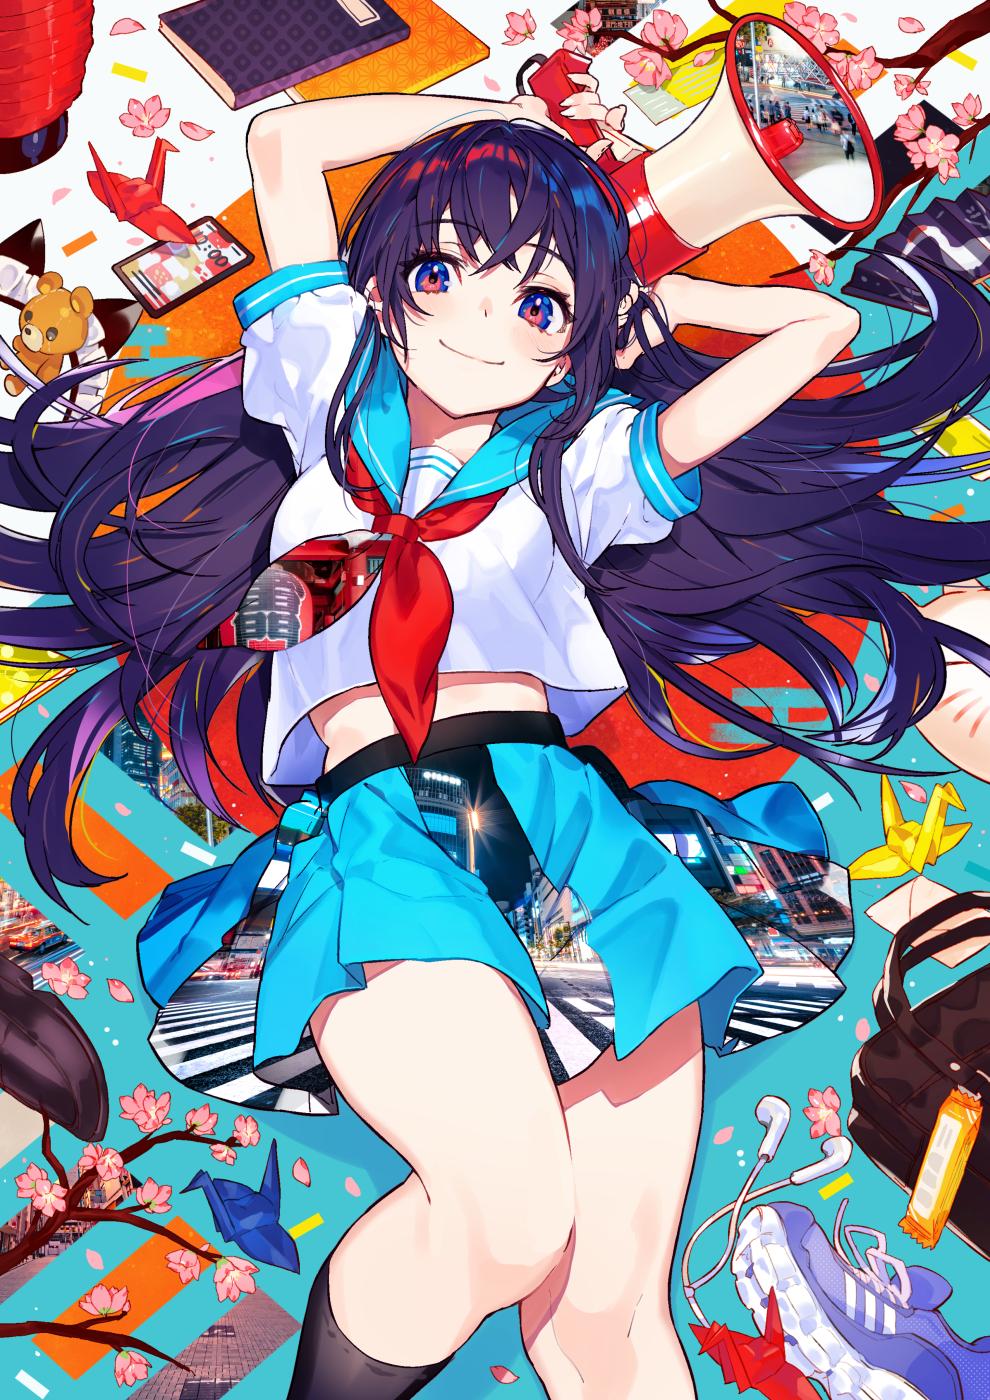 デスクトップ壁紙 アニメの女の子 元の文字 黒髪 ミカピカゾ